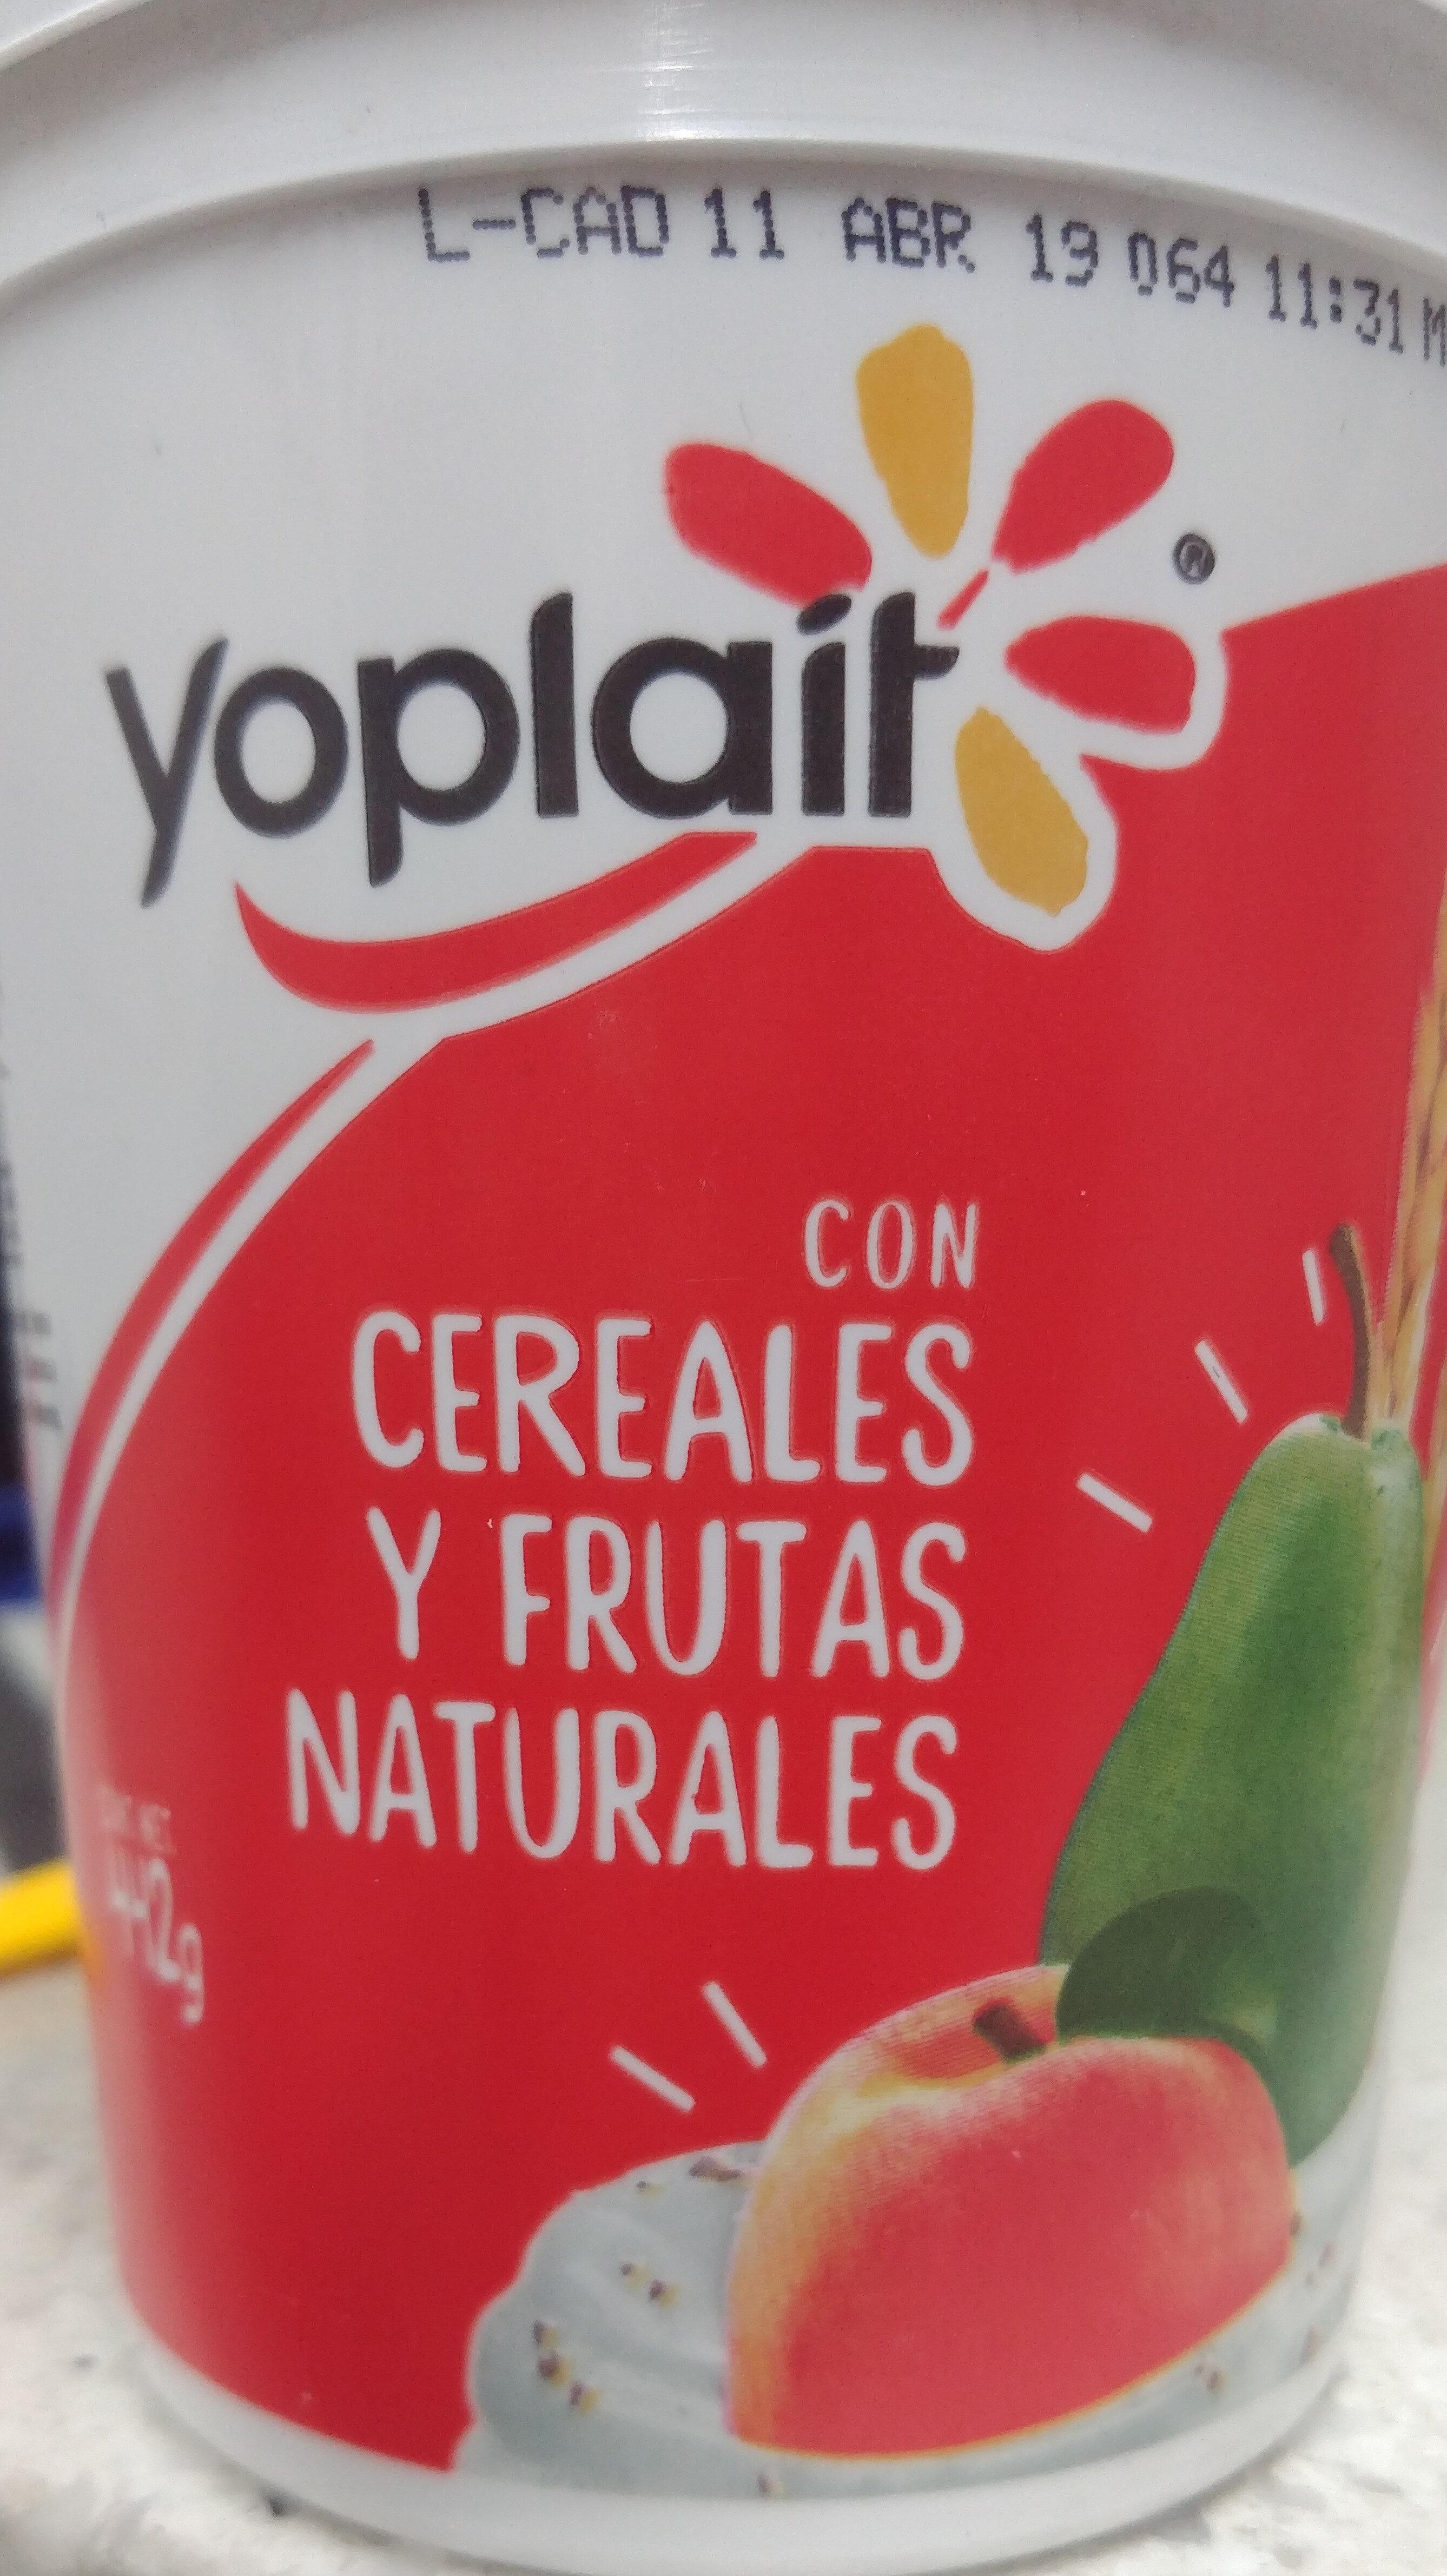 Yoplait: Cereales y frutas naturales - Product - es